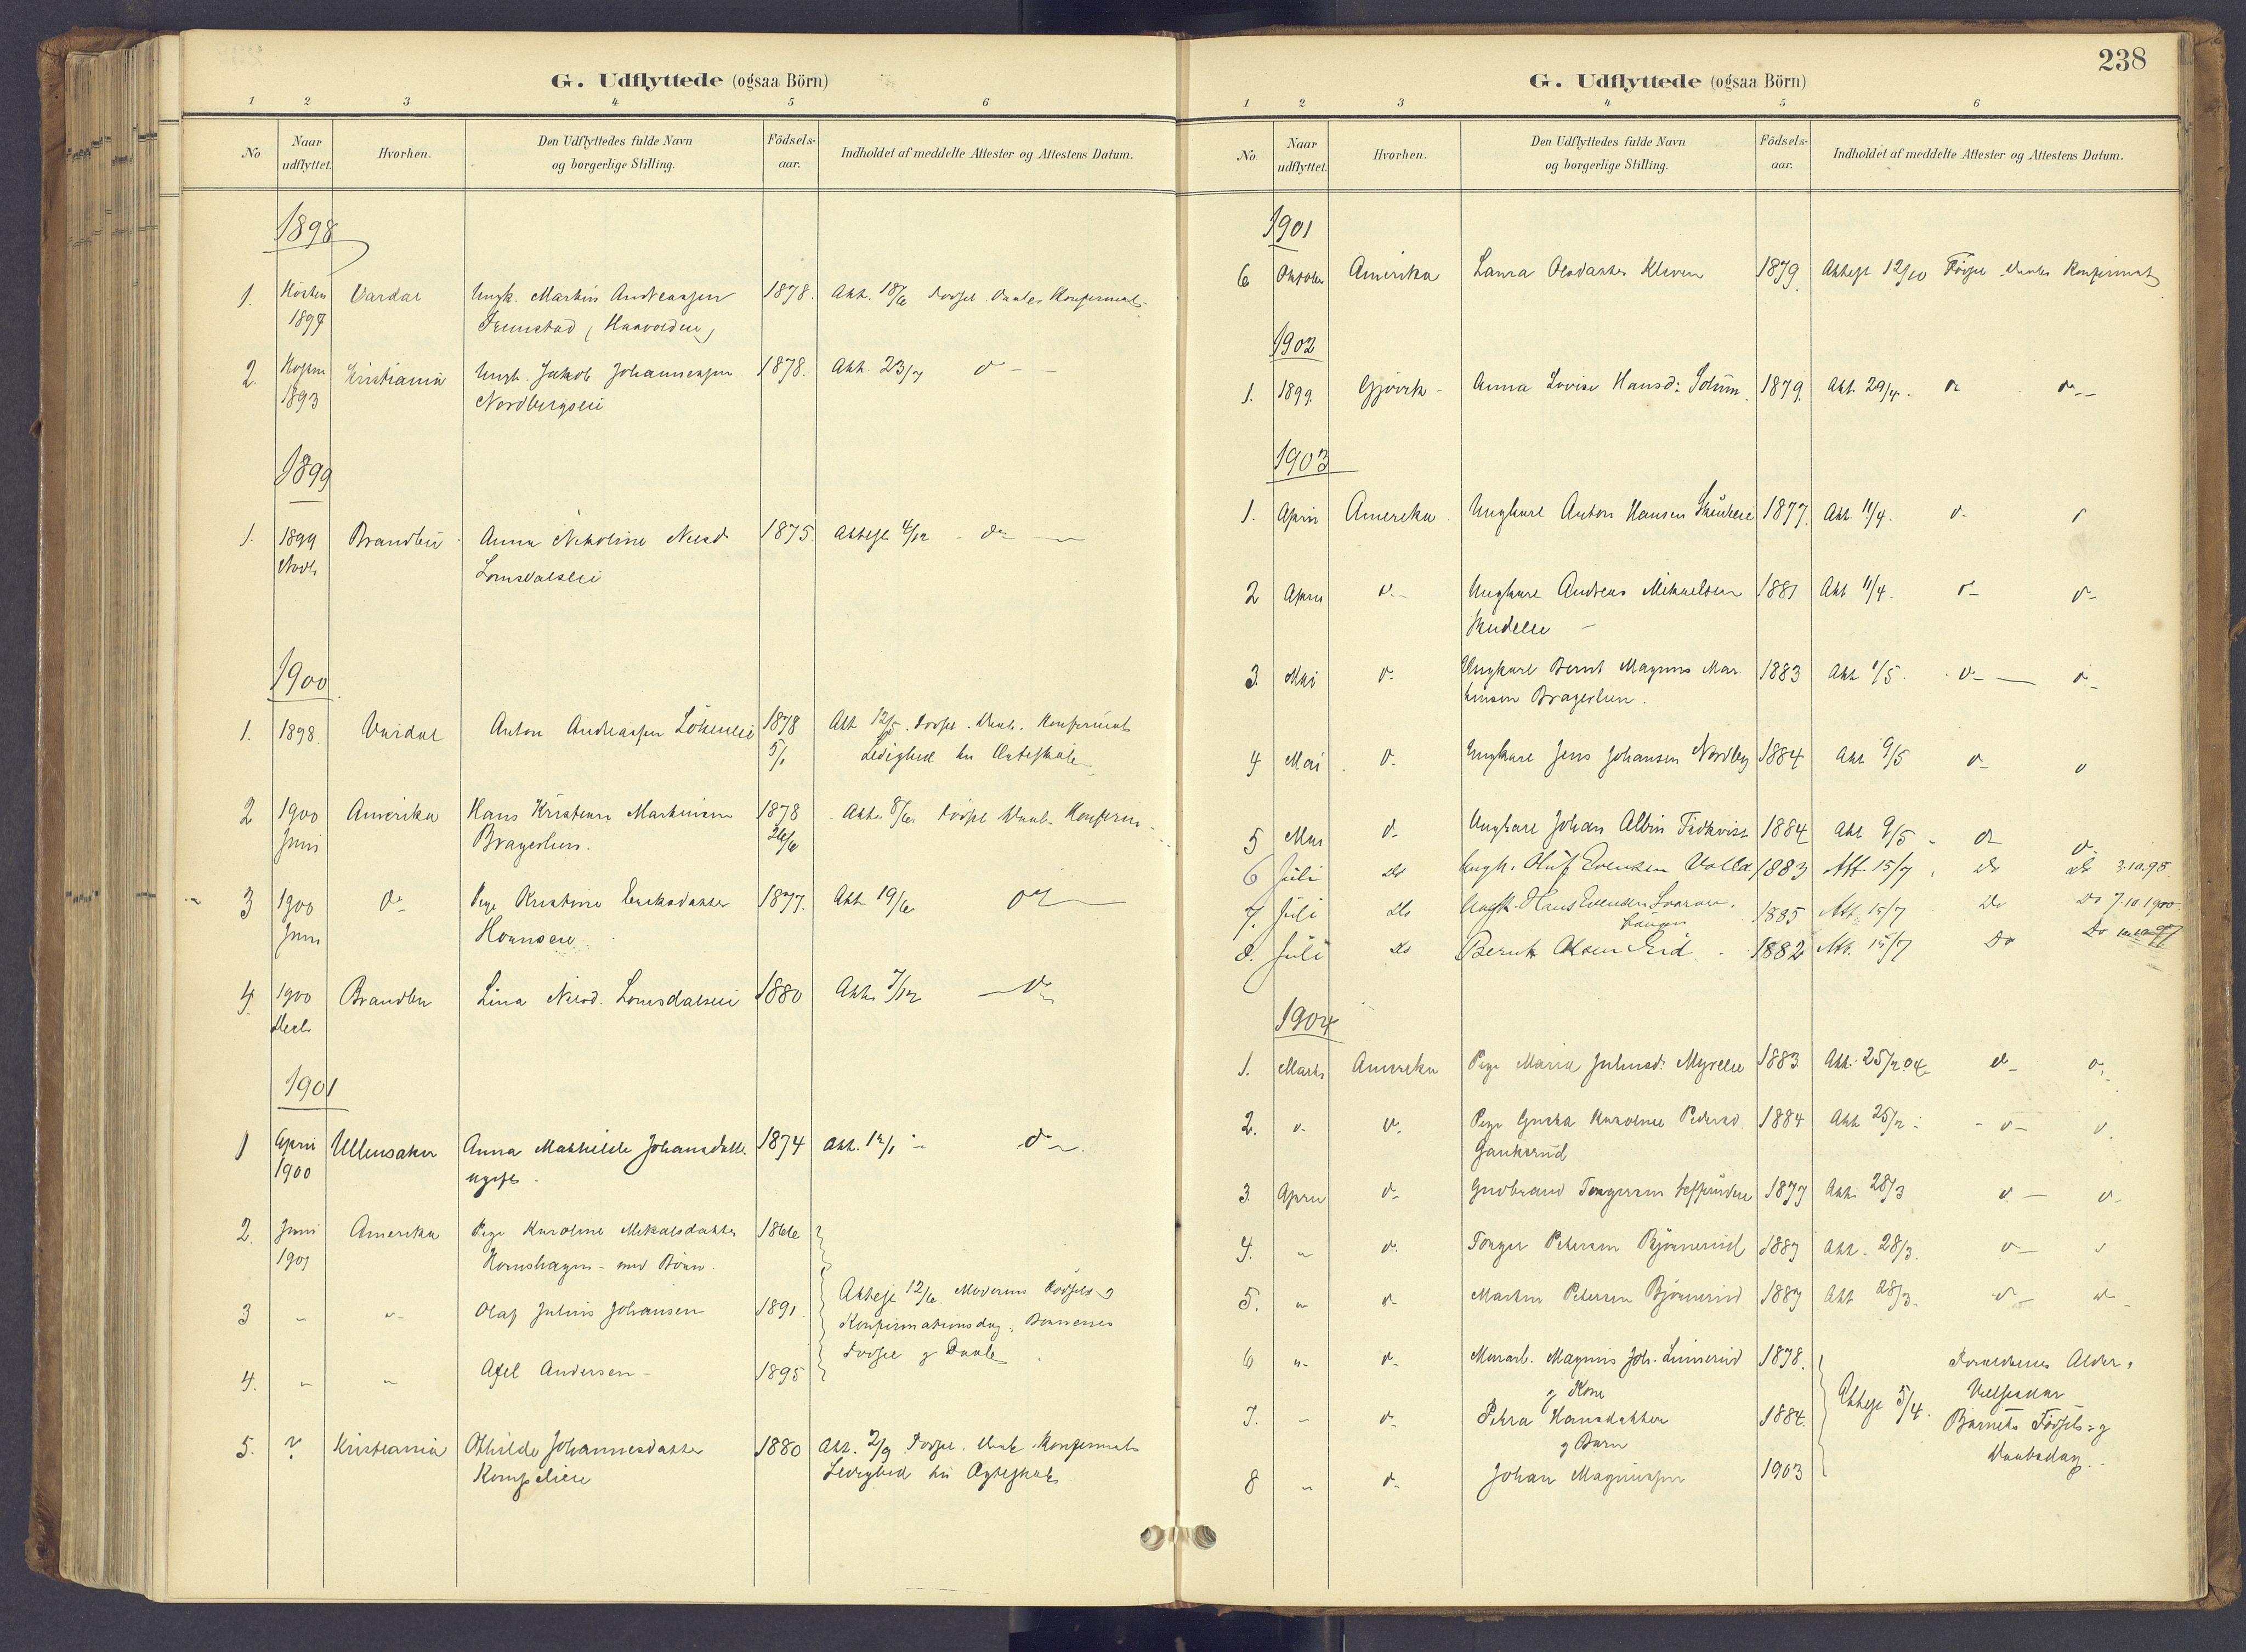 SAH, Søndre Land prestekontor, K/L0006: Parish register (official) no. 6, 1895-1904, p. 238